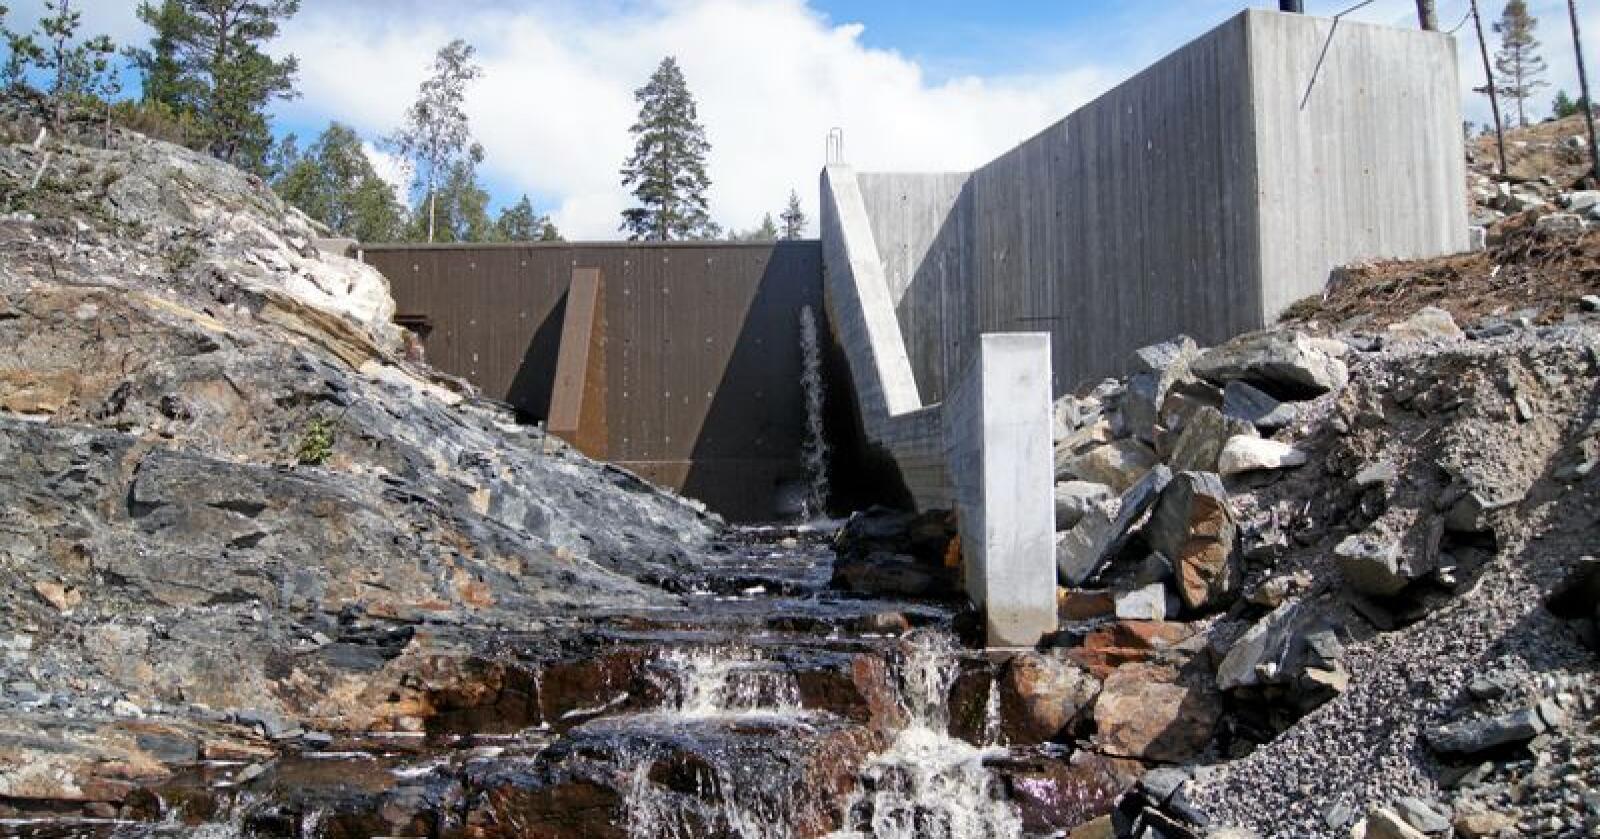 Utbygginga av småkraftverk i Noreg har vore nesten eksplosiv etter år 2000, skriv innsendaren. Foto: Erik Vestgård